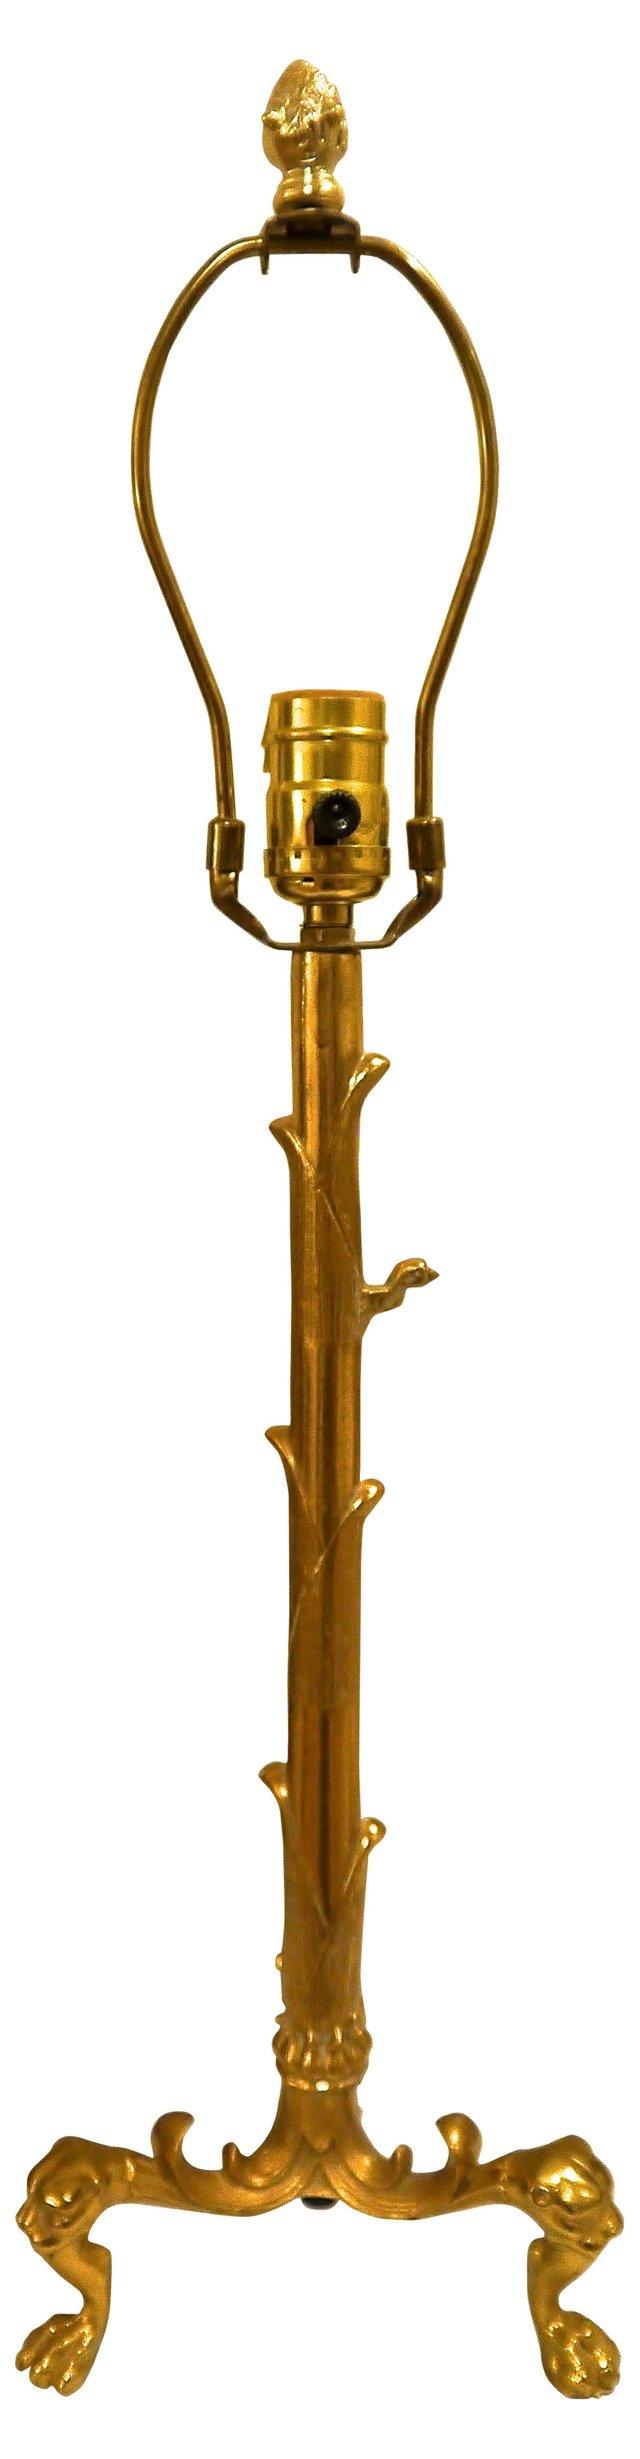 Brass Tripod Lion Lamp